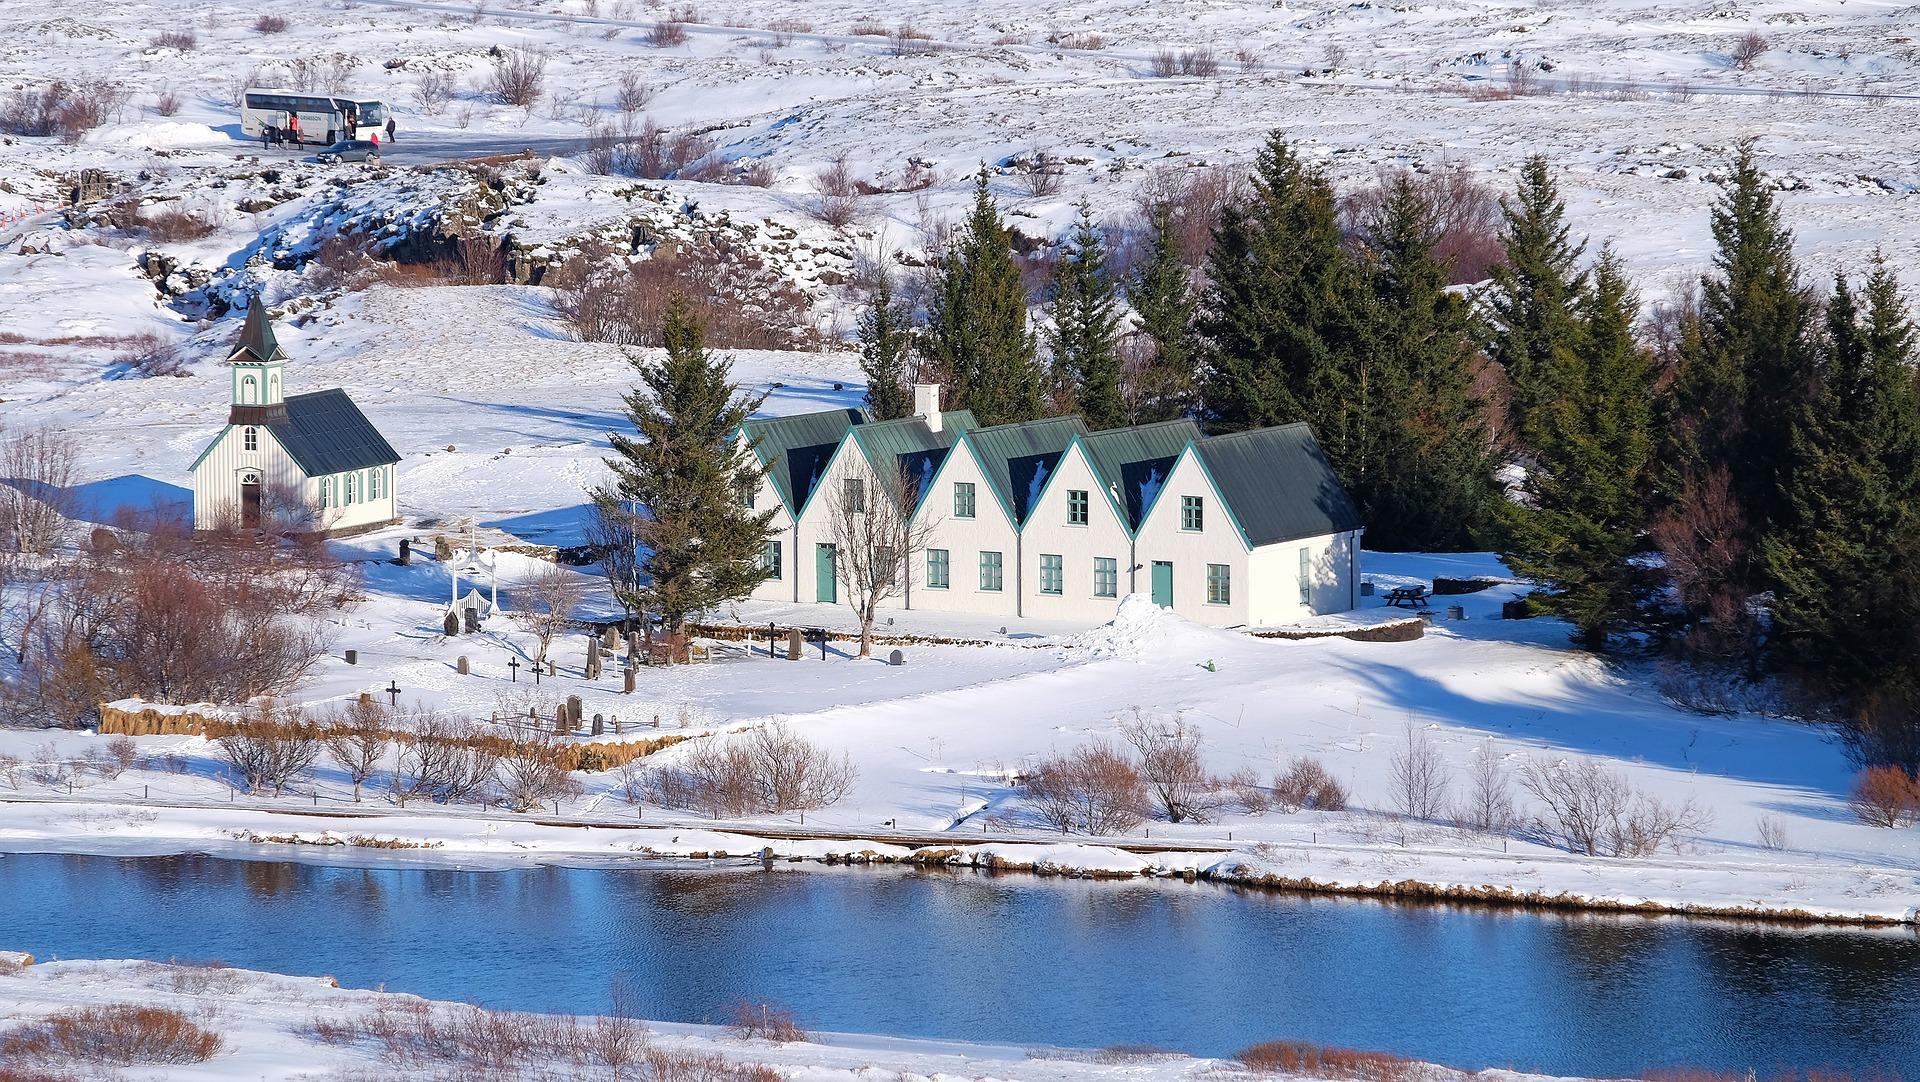 Weihnachtsessen Island.Weihnachten In Island Traditionen Island Tipps